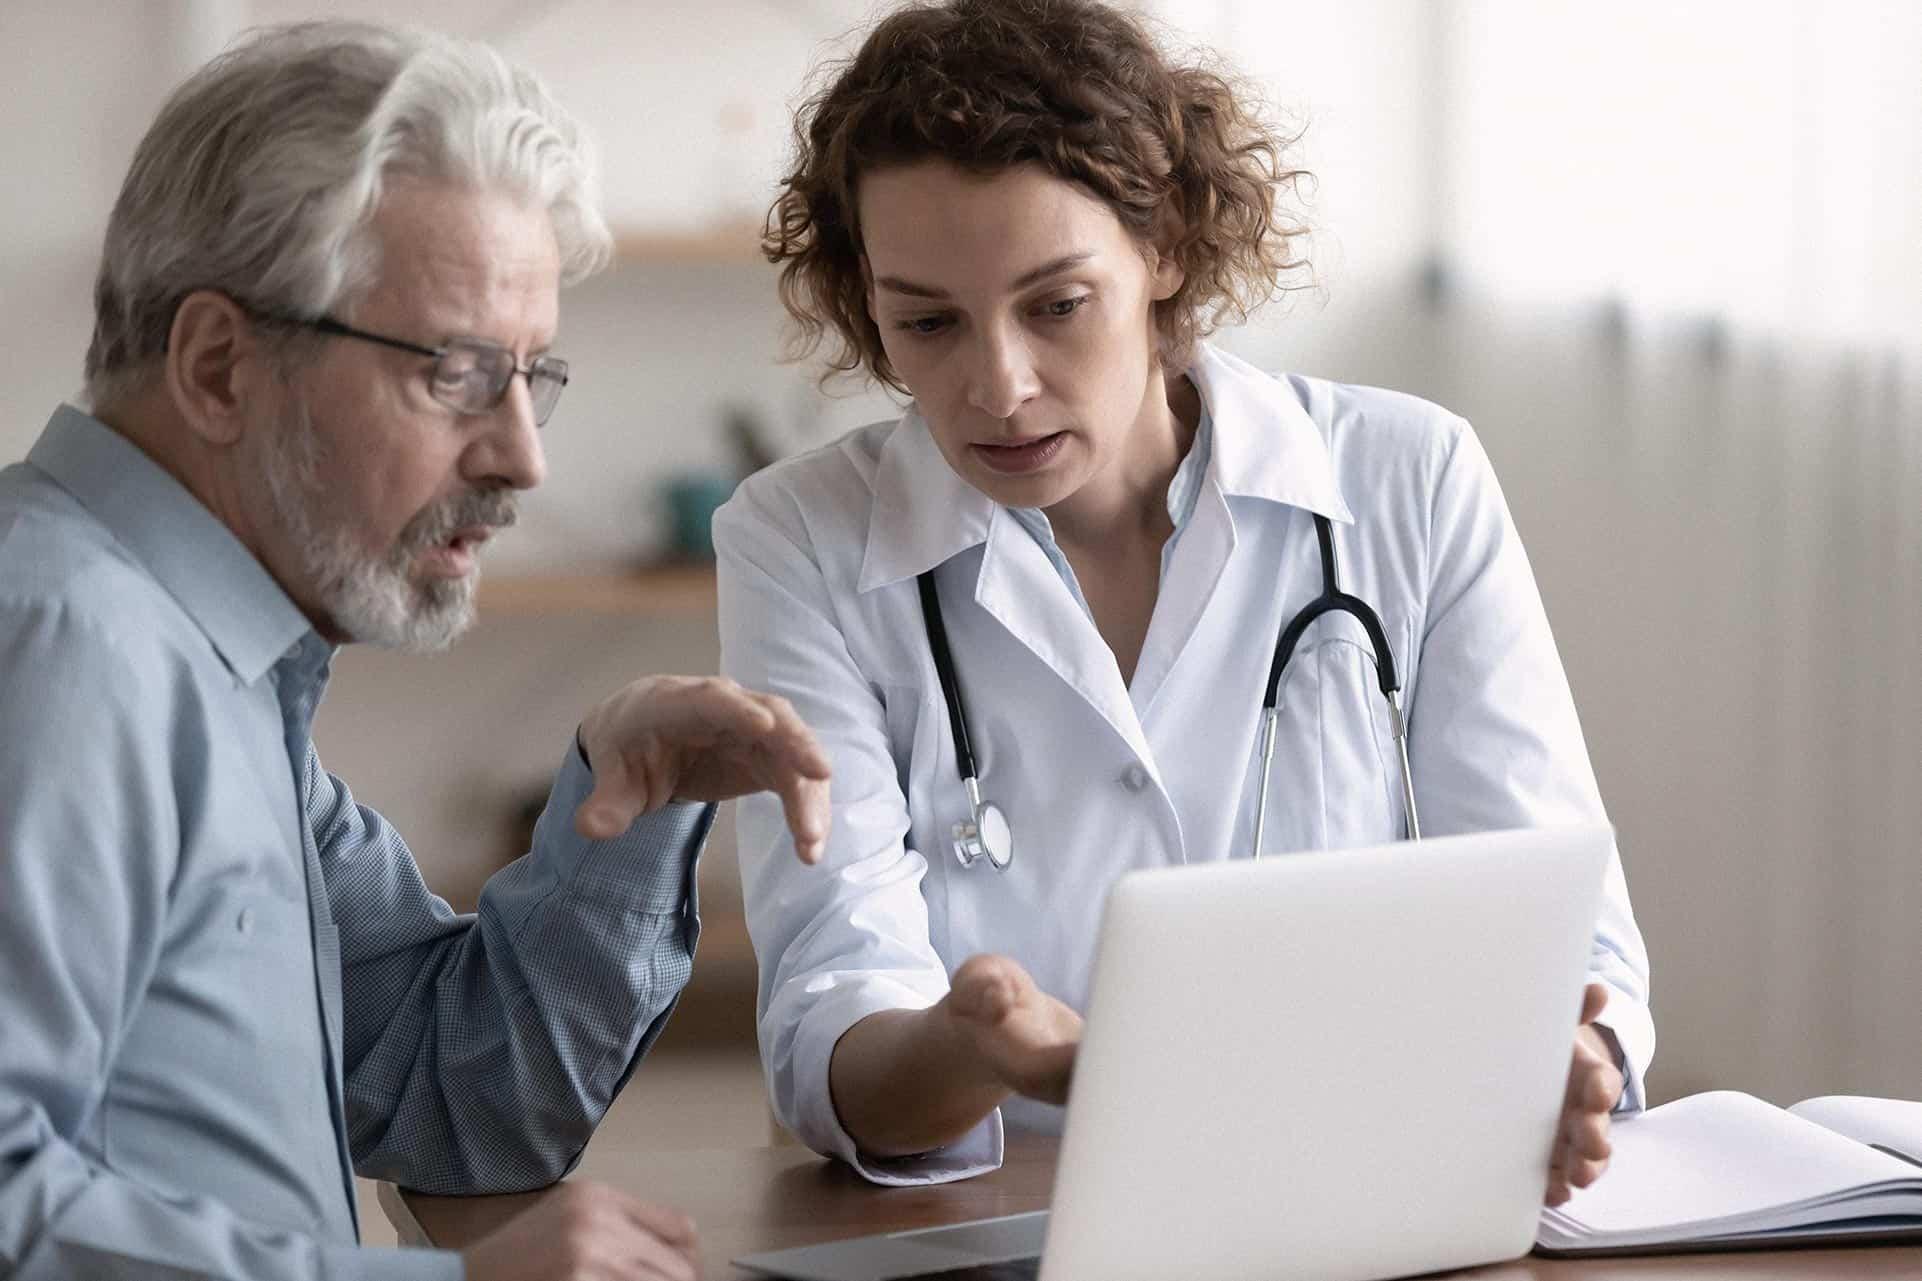 Een patient en een dokter bespreken informatie op een laptopscherm.